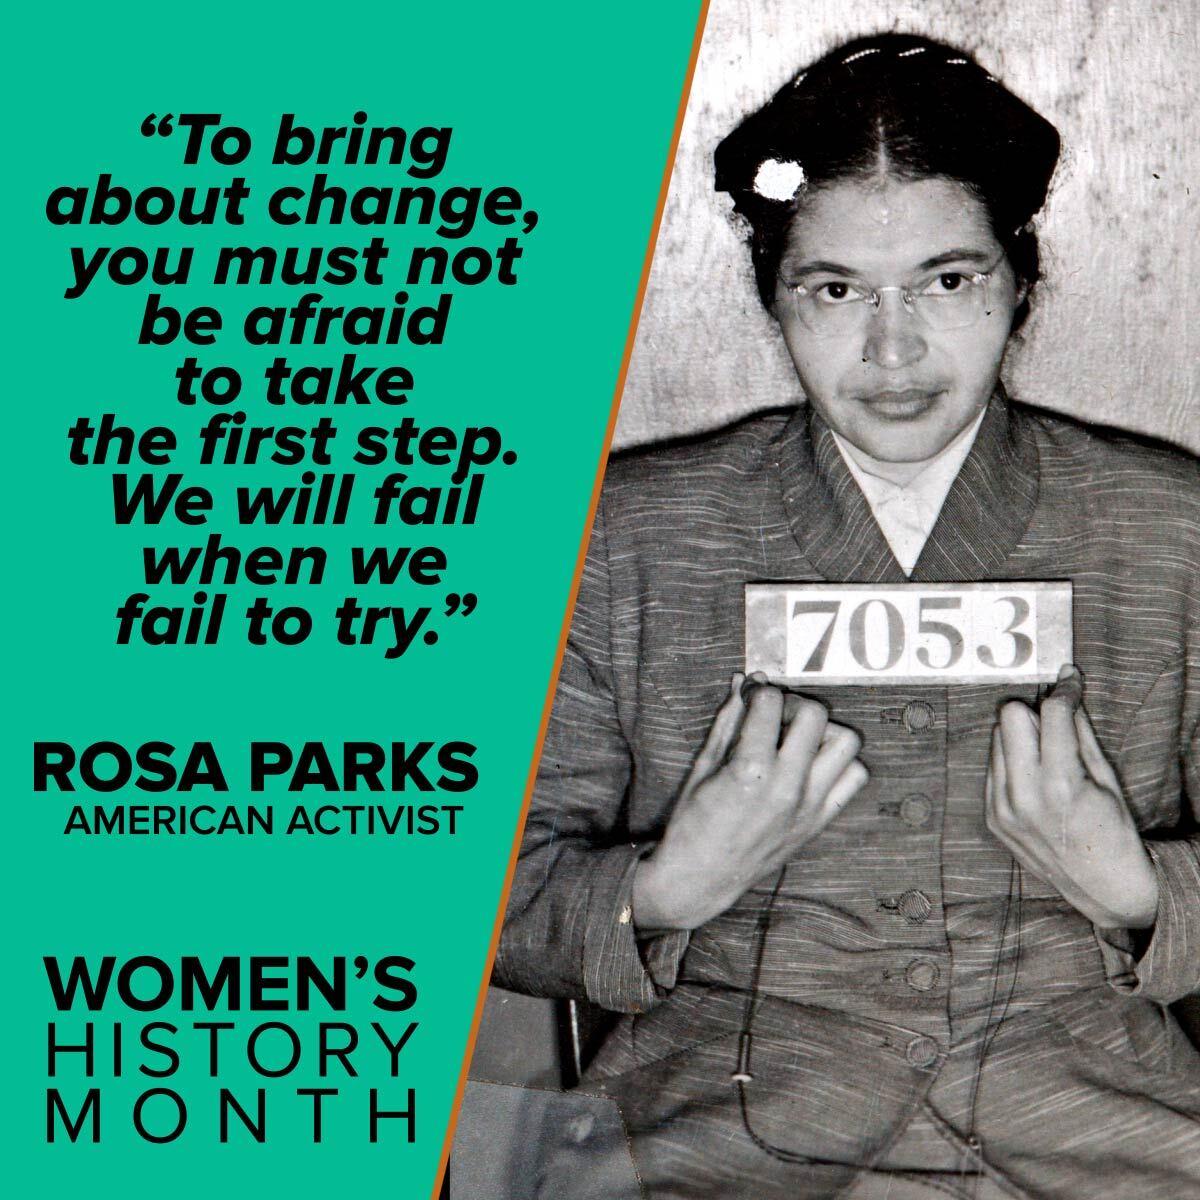 Women's History Month_Rosa Parks.jpg